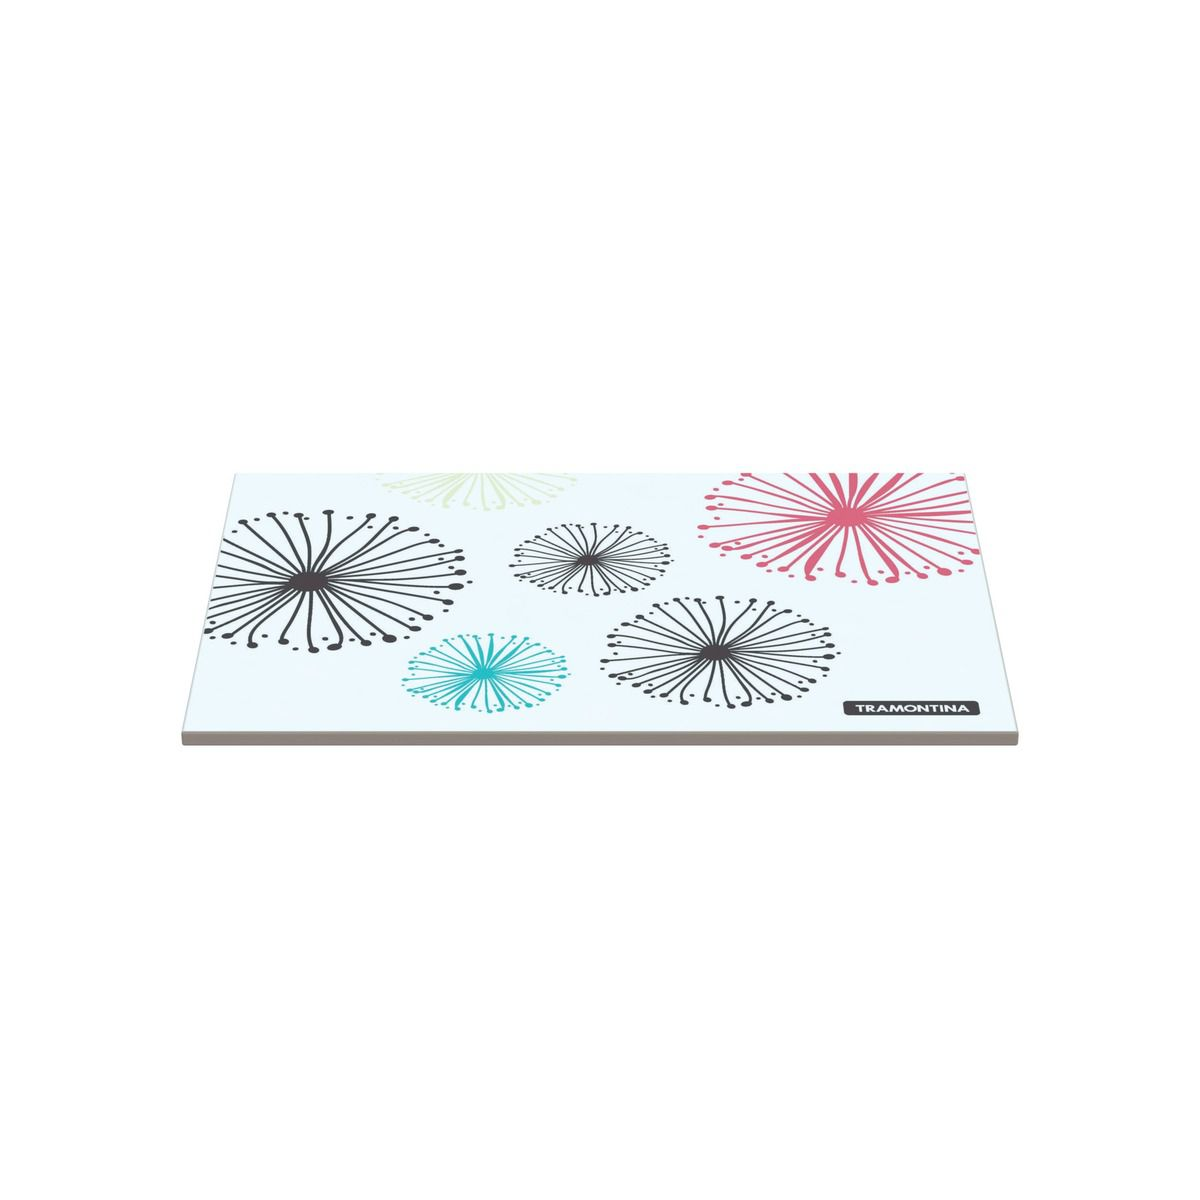 Tábua Tramontina Retangular em Vidro Branco com Estampa Vermelha 20x30 cm 10399/001 | Lojas Estrela